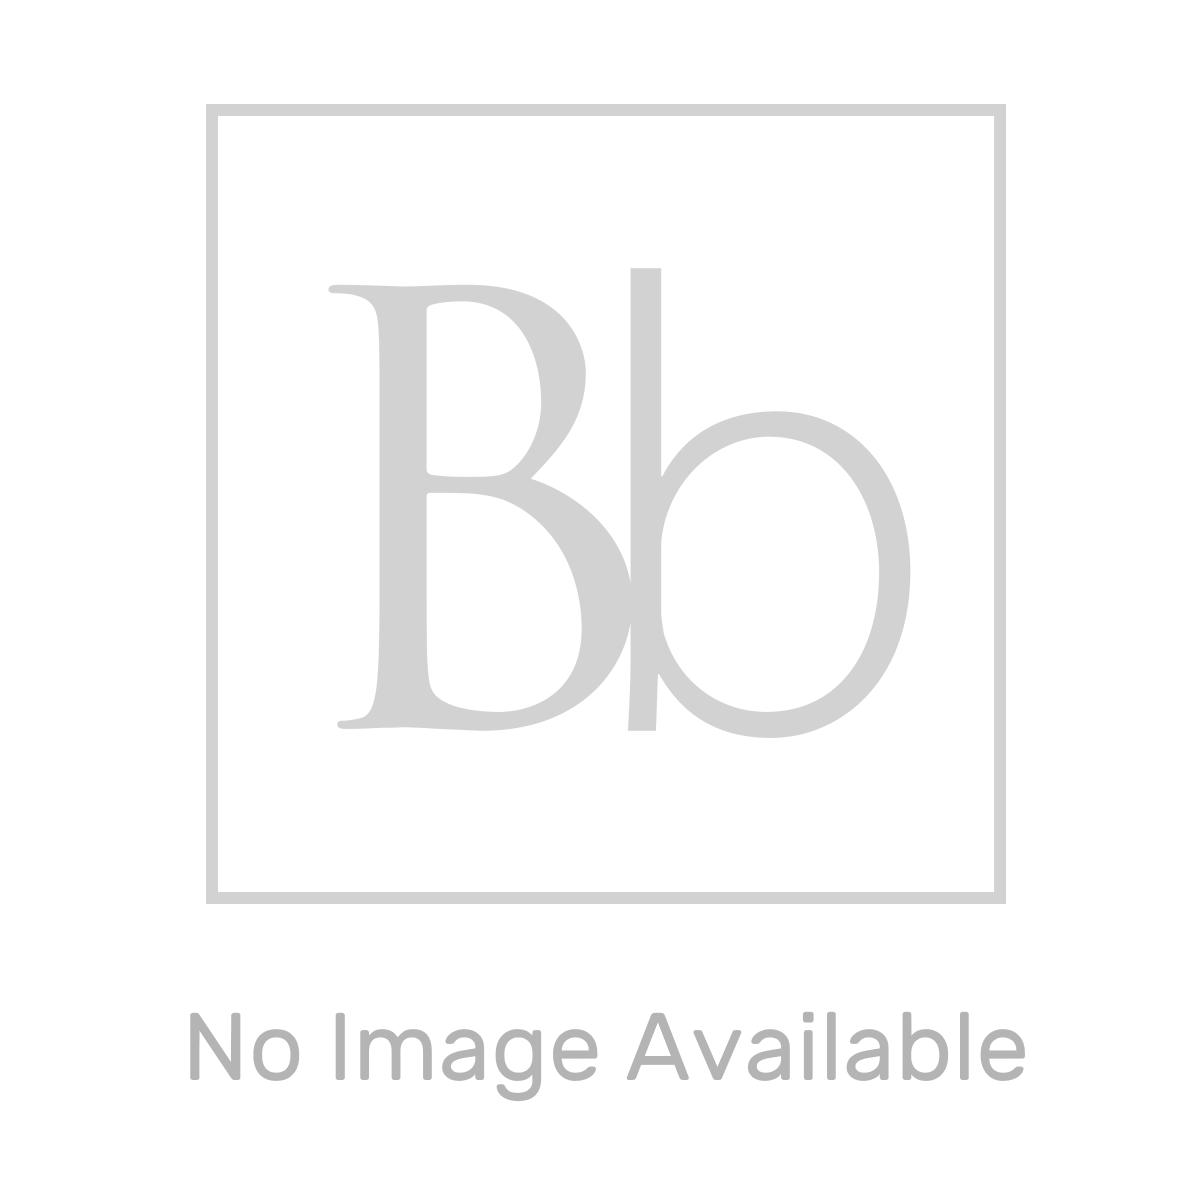 RAK Series 600 Toilet and 400 Series Walnut Vanity Unit Door